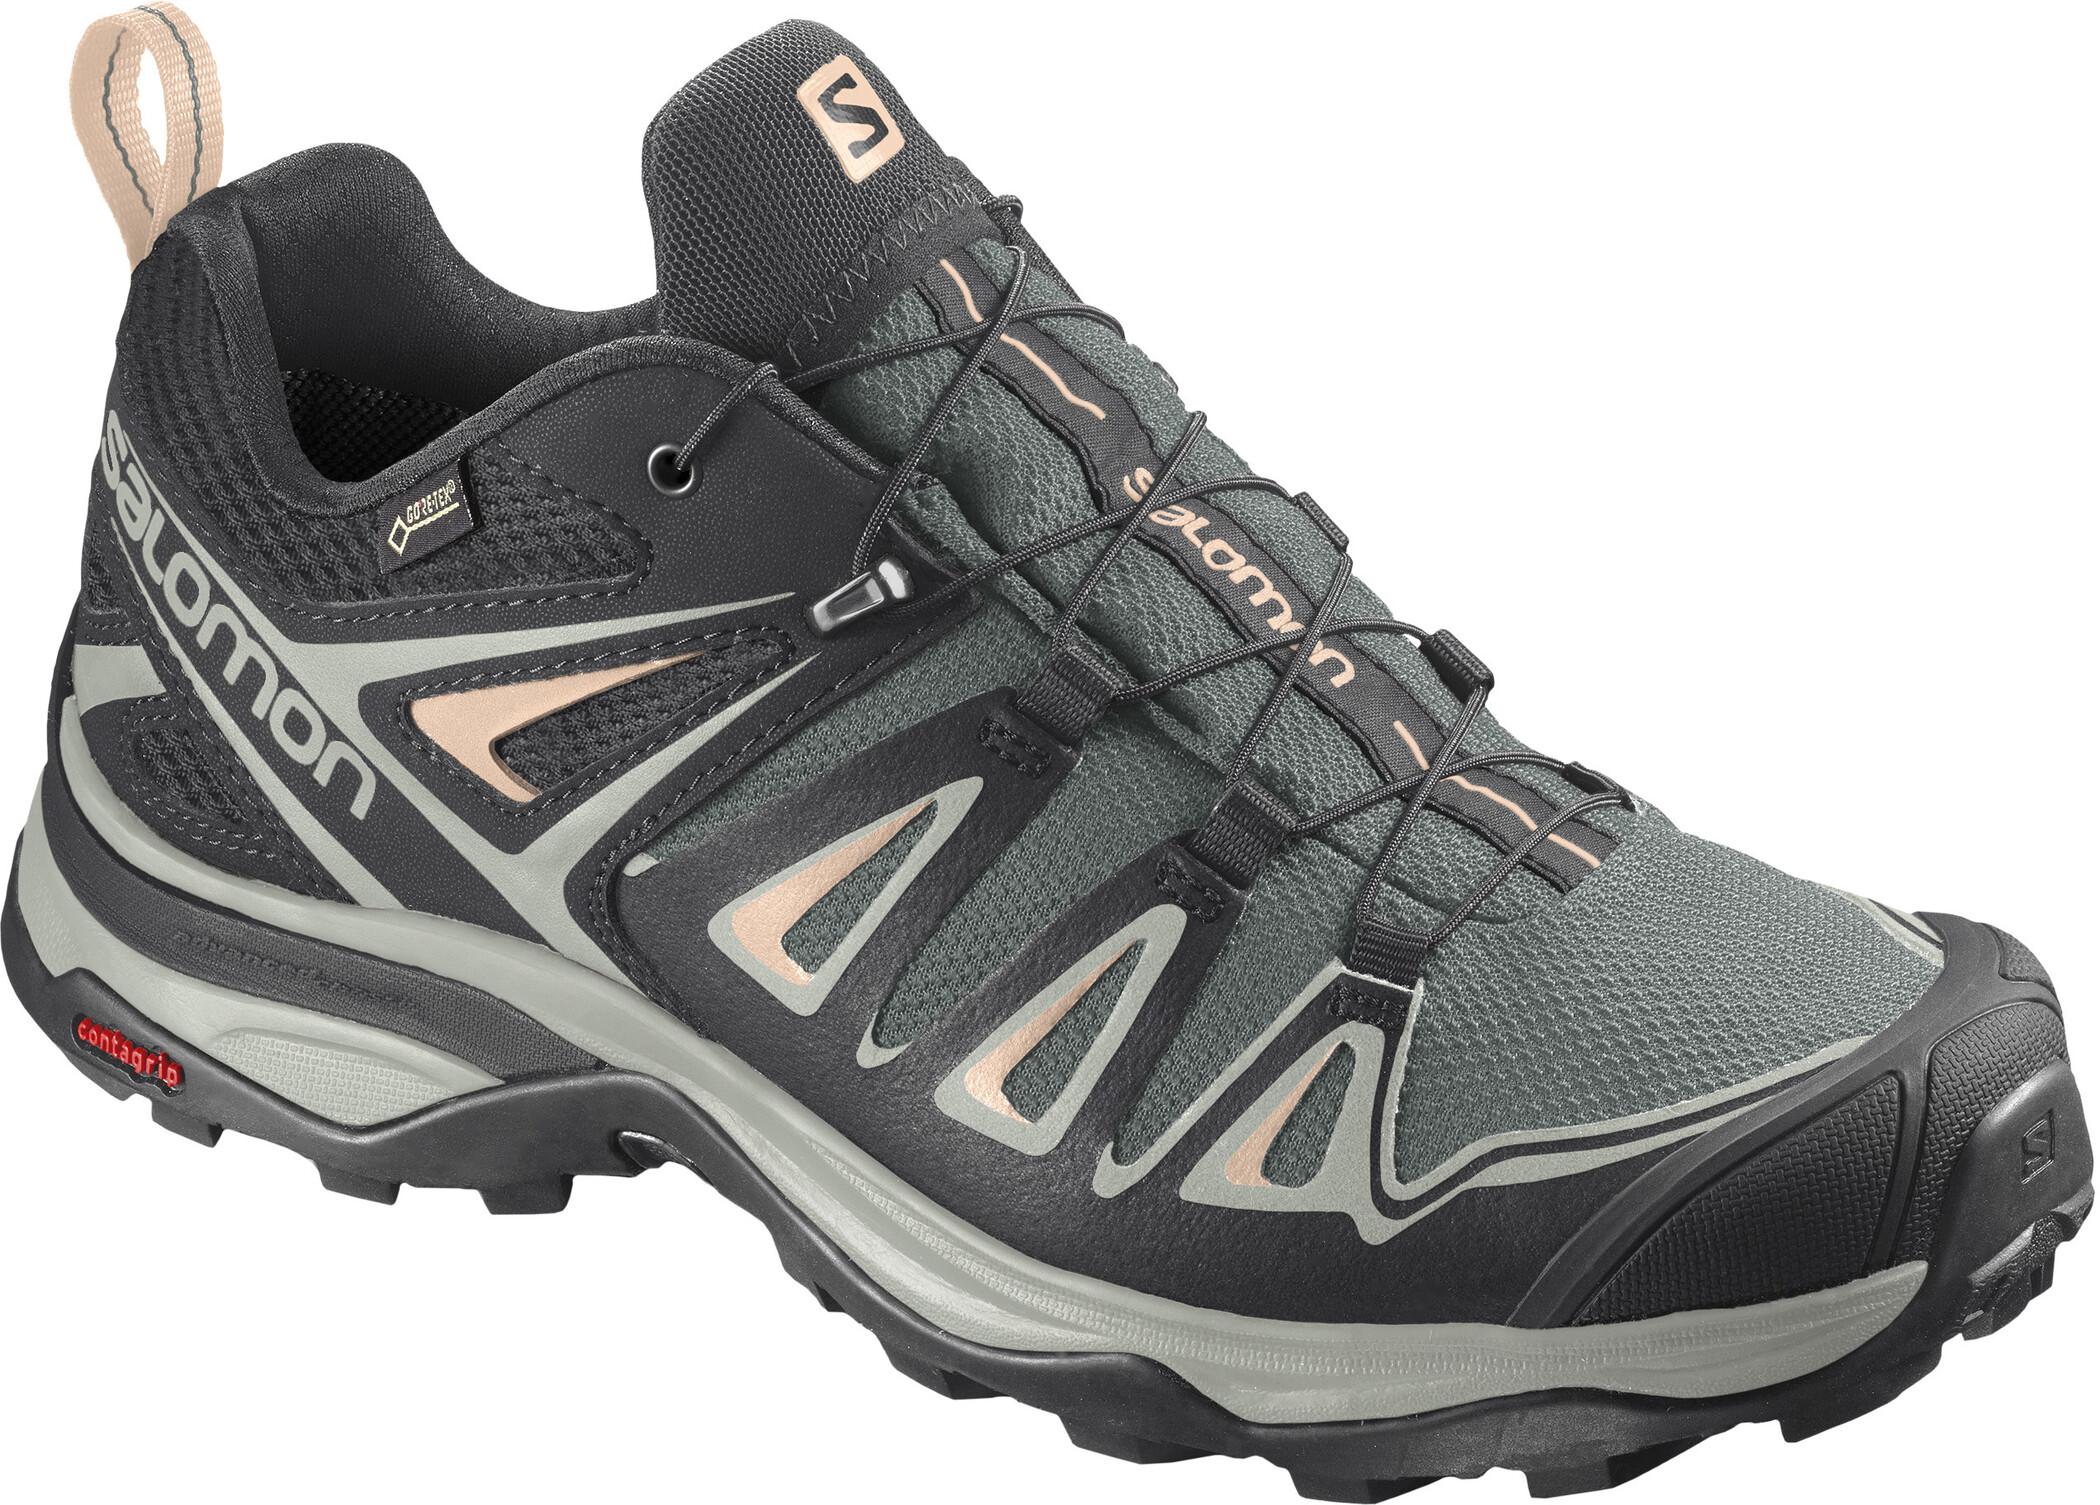 Salomon X Ultra 2 GTX Hiking Schuhe Schwarz Für Damen